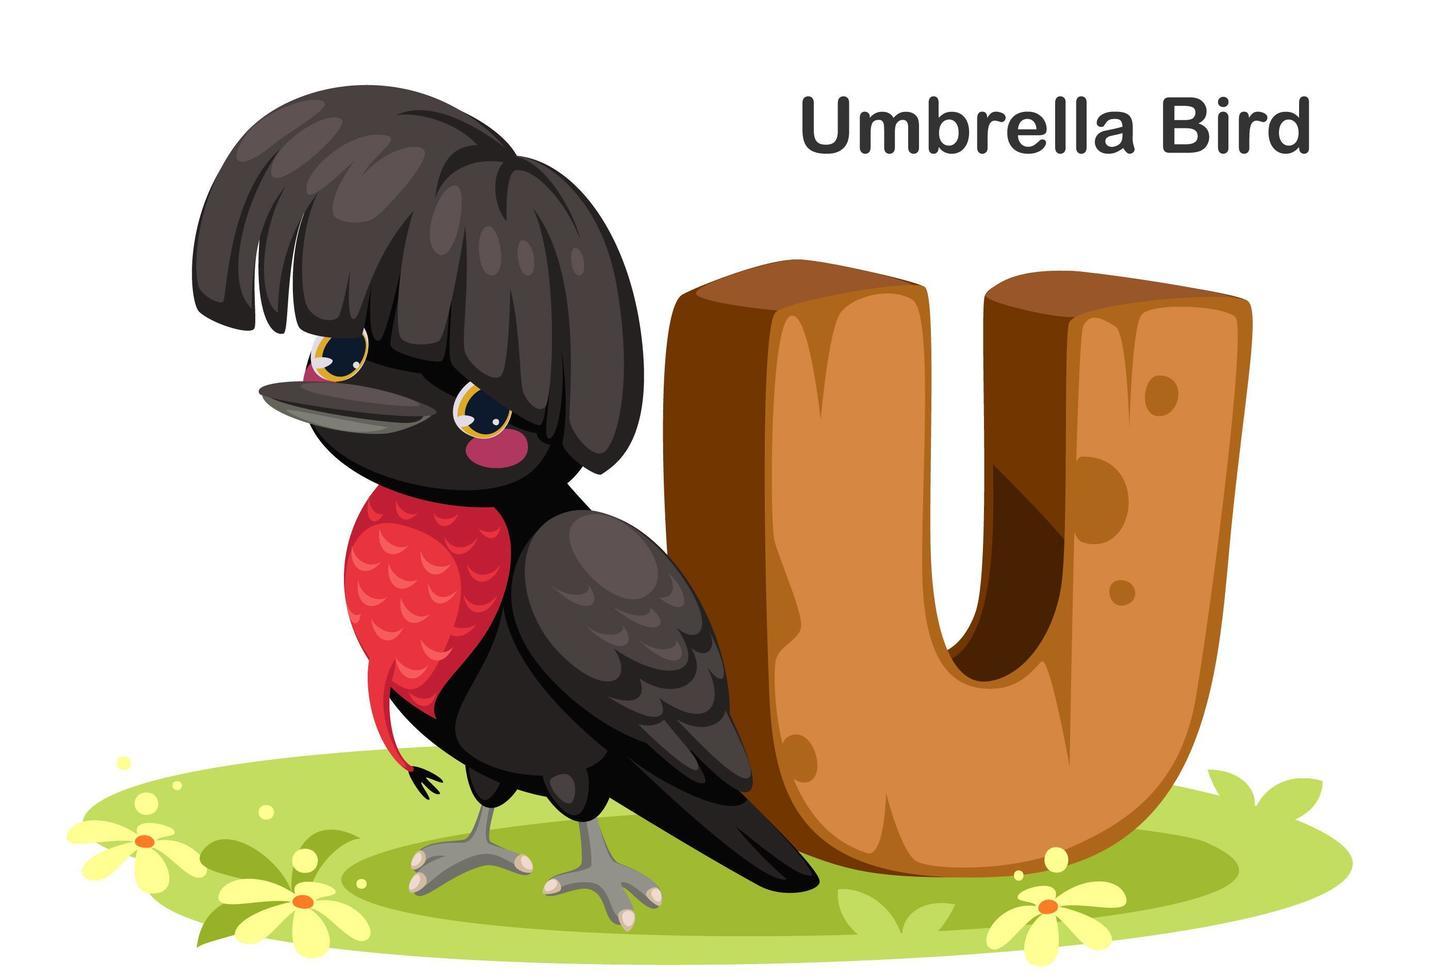 u pour oiseau parapluie vecteur